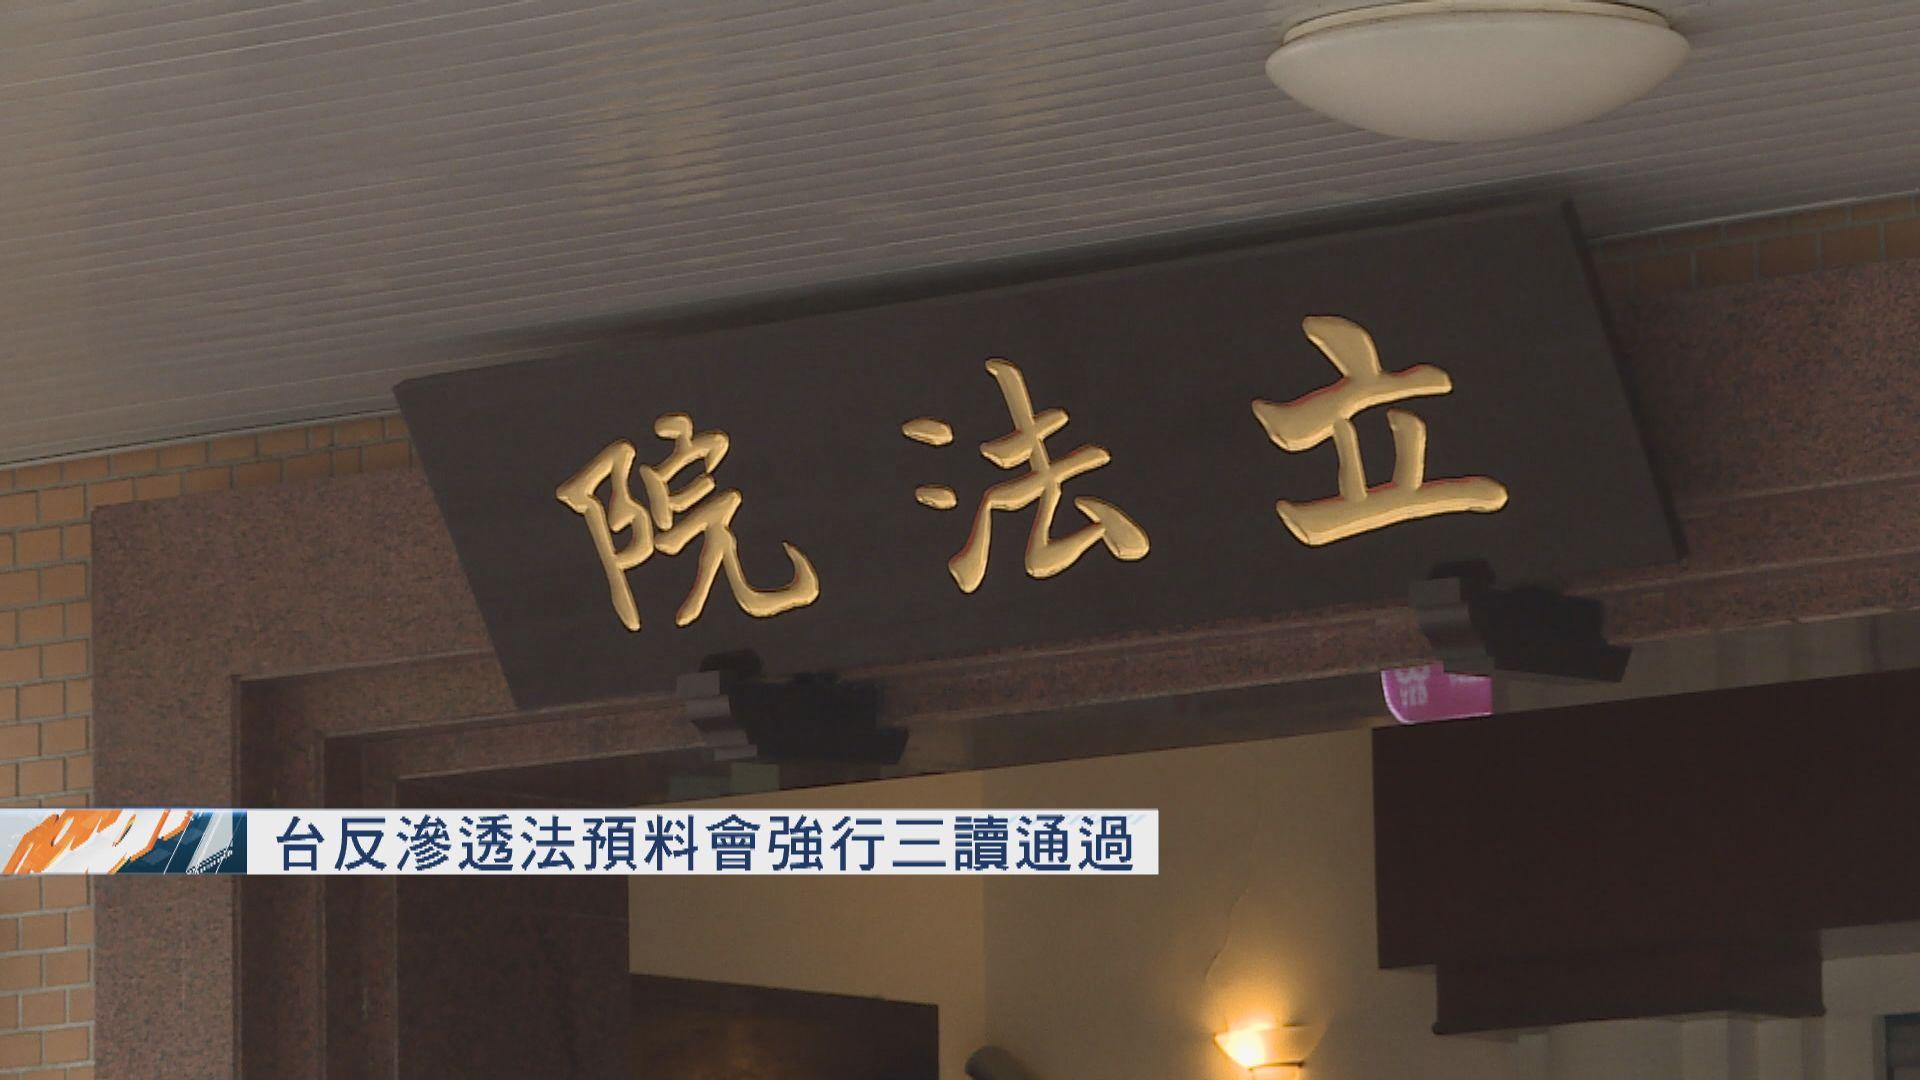 台灣反滲透法預料會強行三讀通過